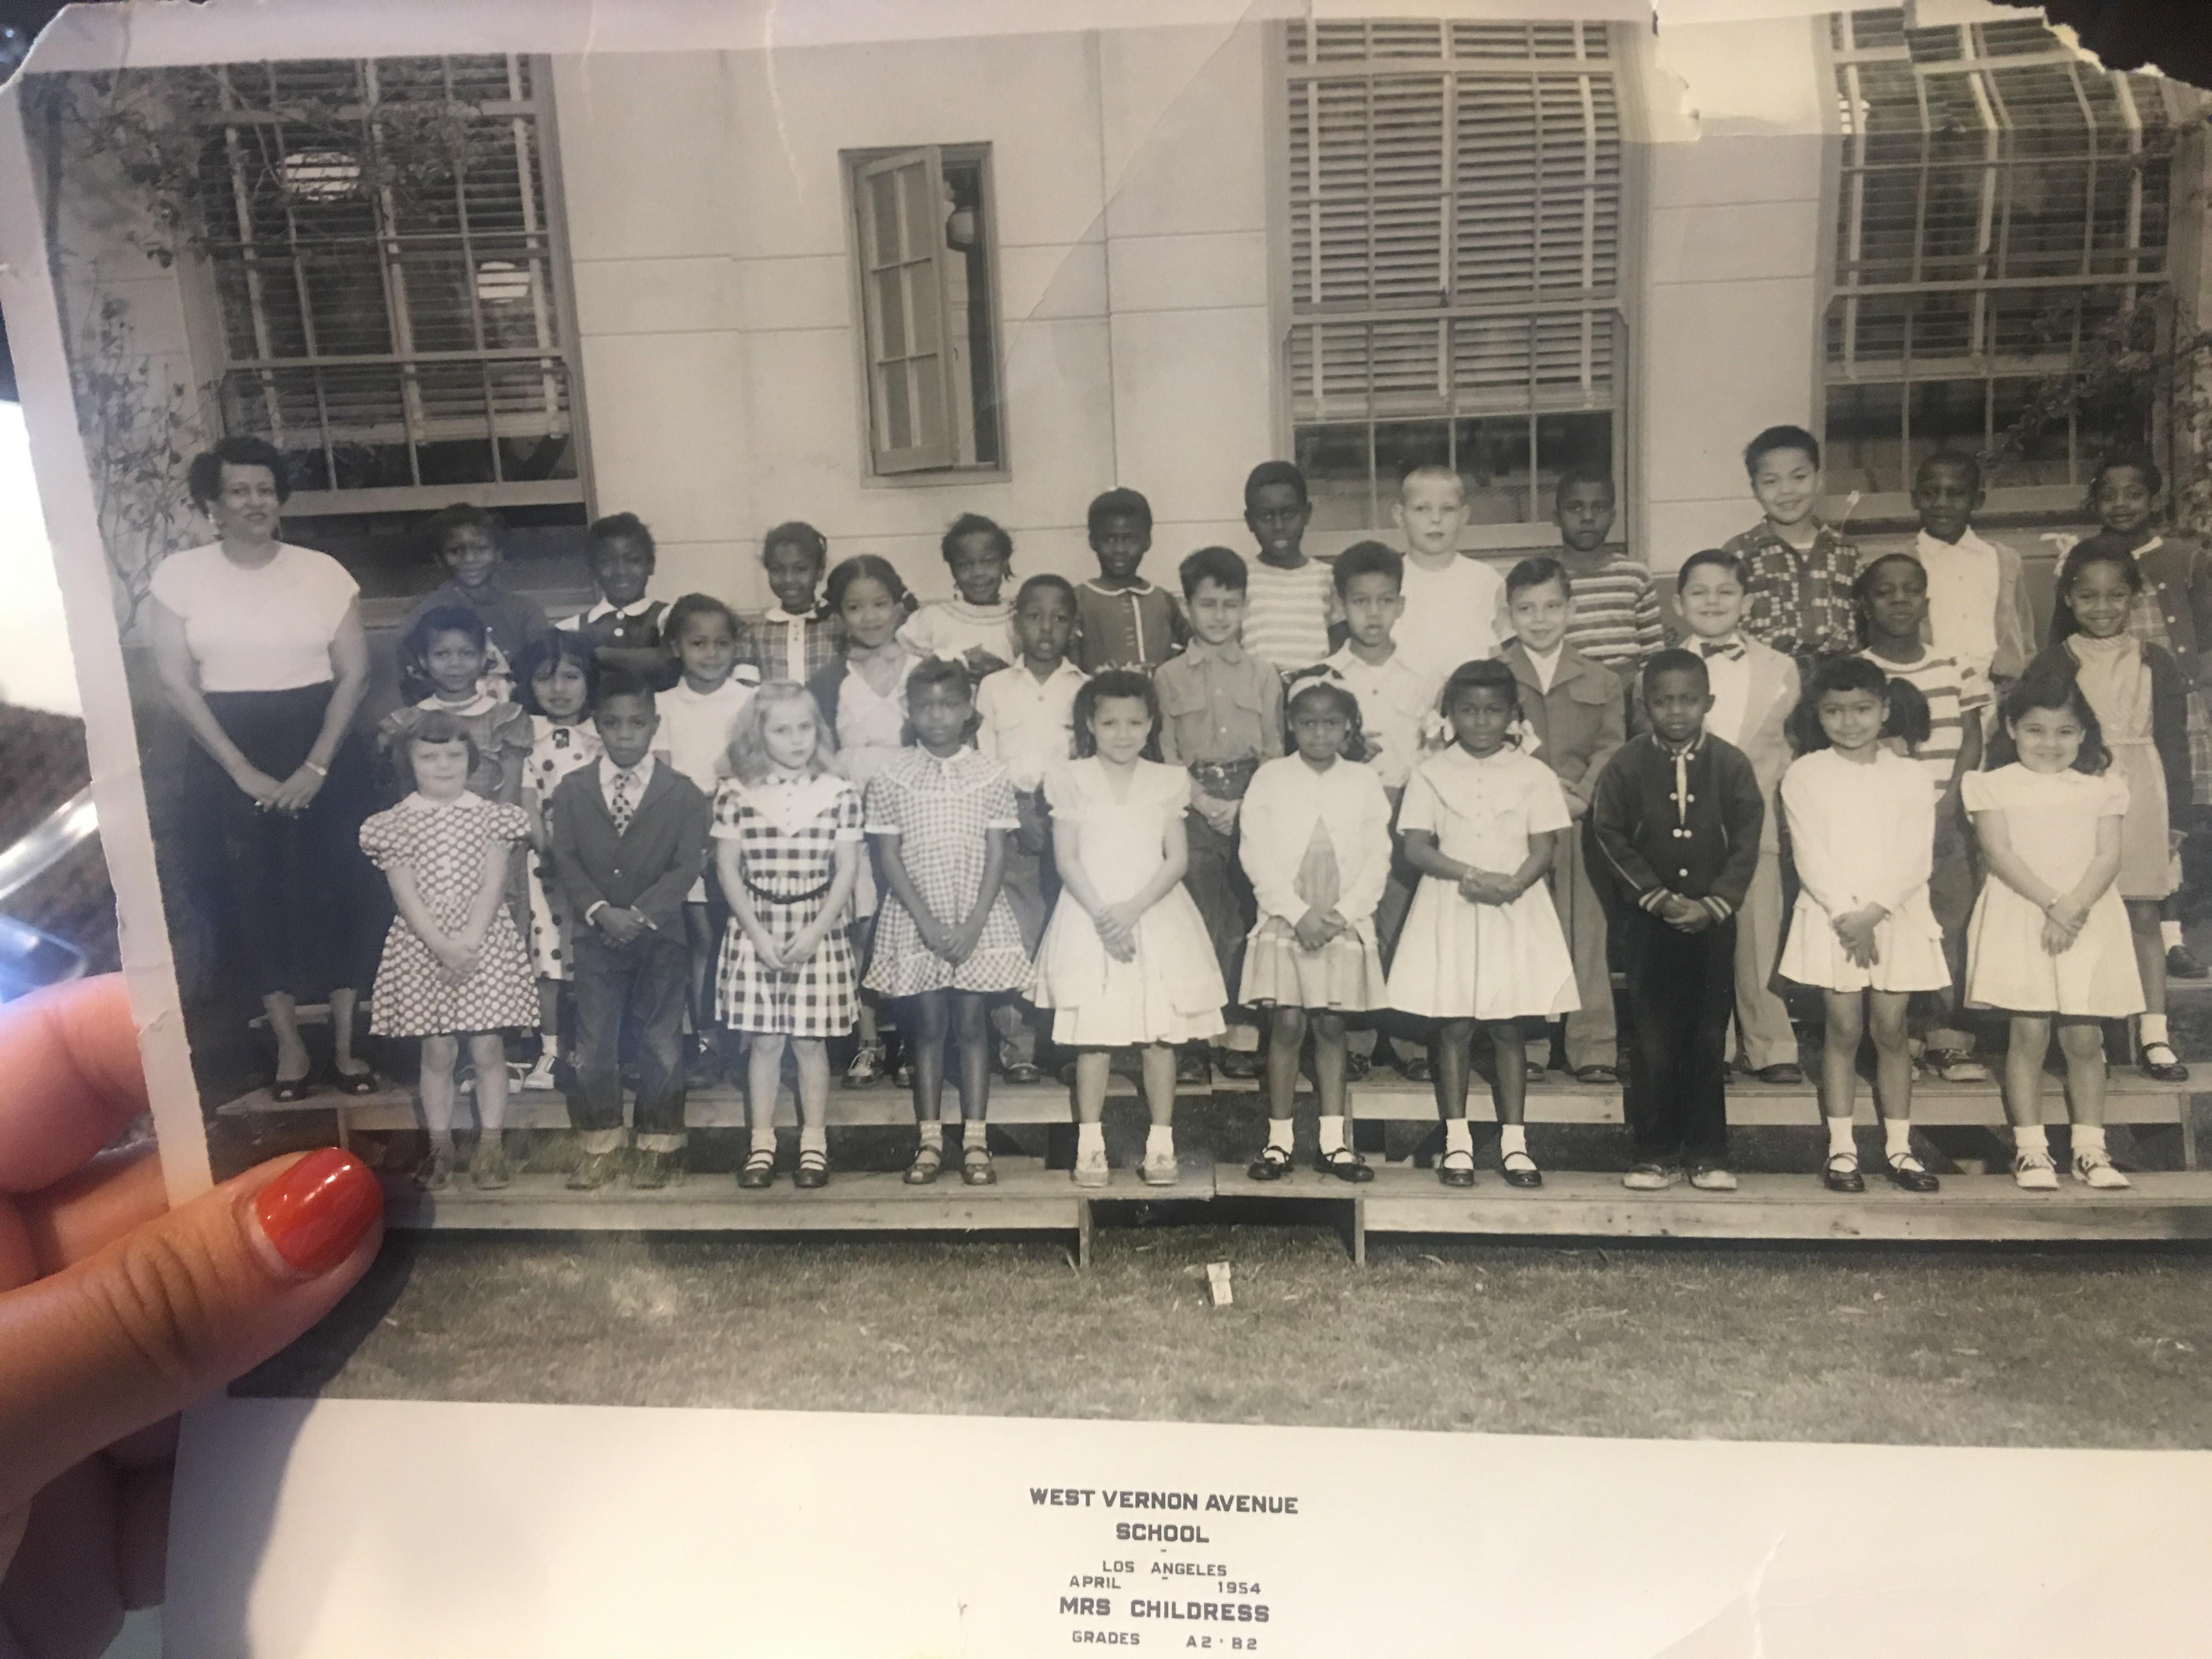 مدرسة مونيكا وفيرونيكا، التقطت عام 1954 تنشر بإذنهما